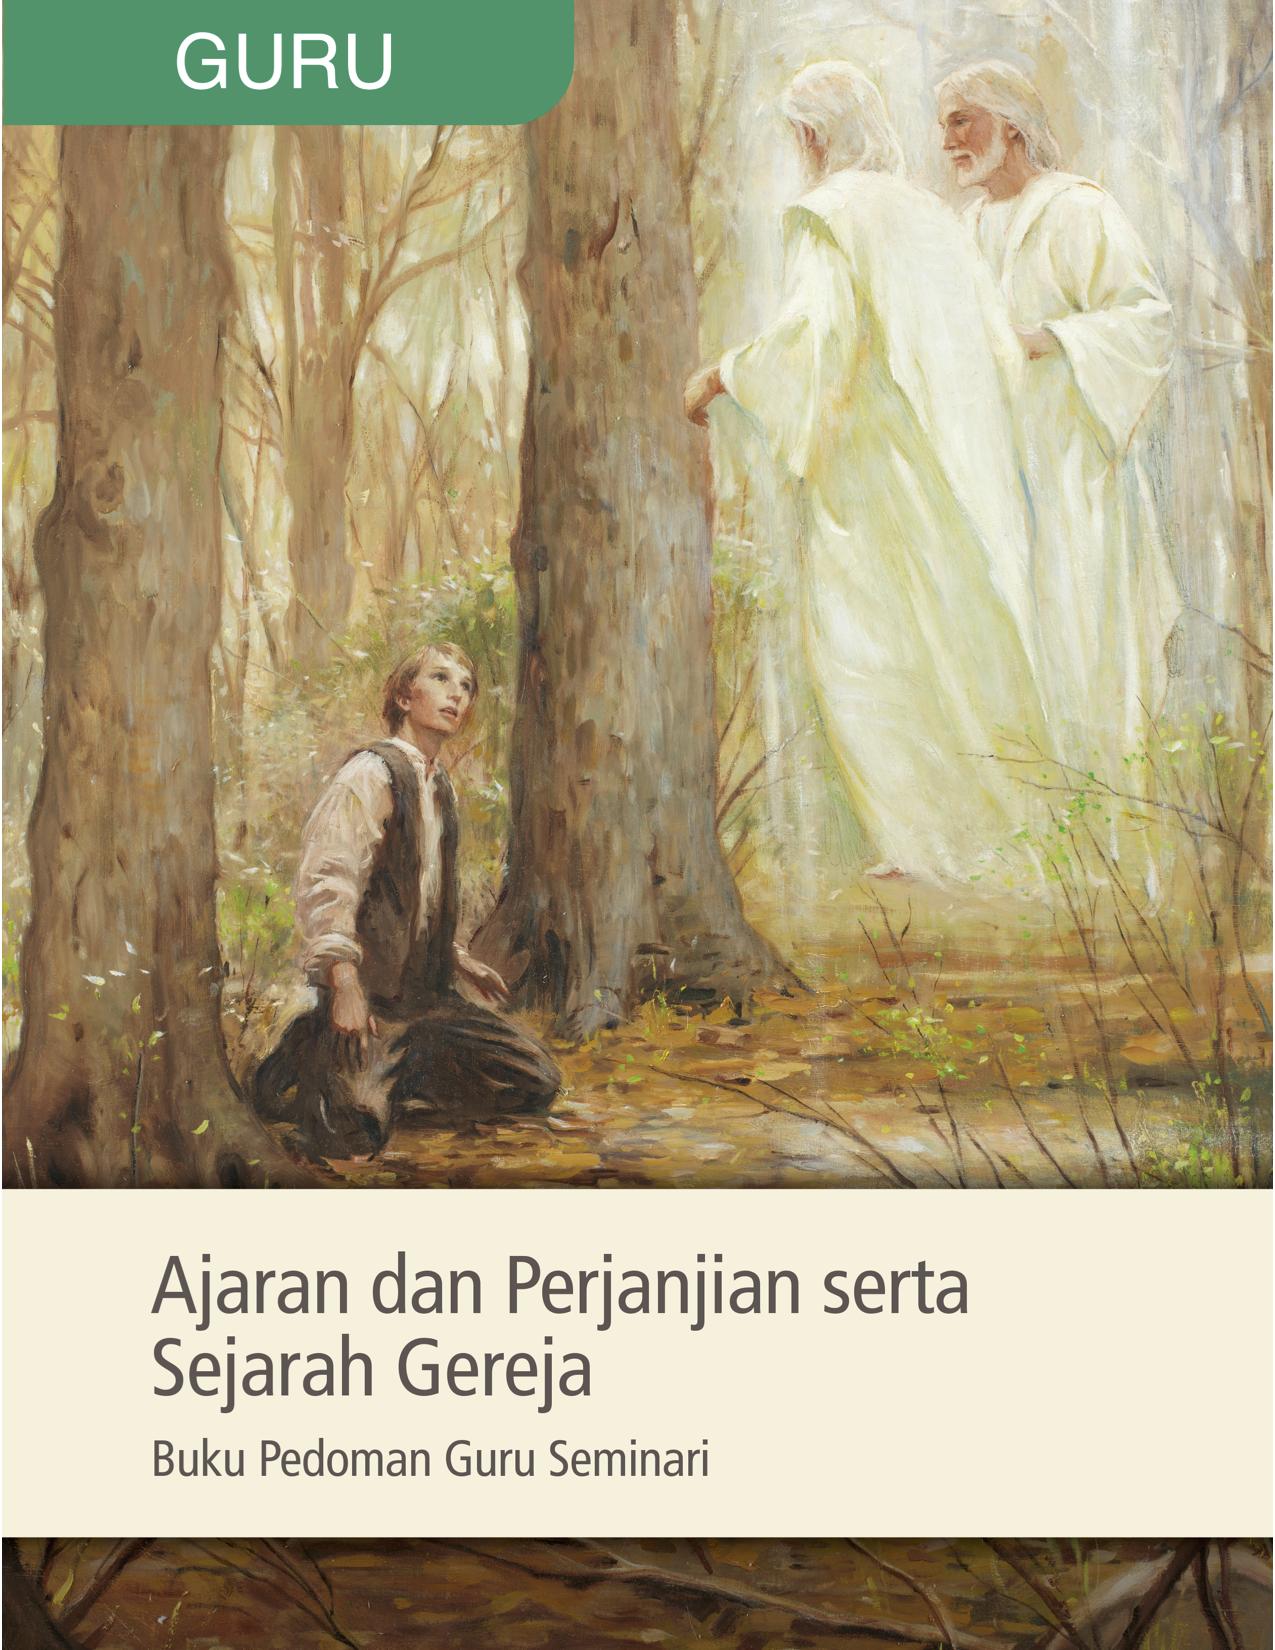 Buku Pedoman Guru Seminari Ajaran dan Perjanjian serta Sejarah Gereja